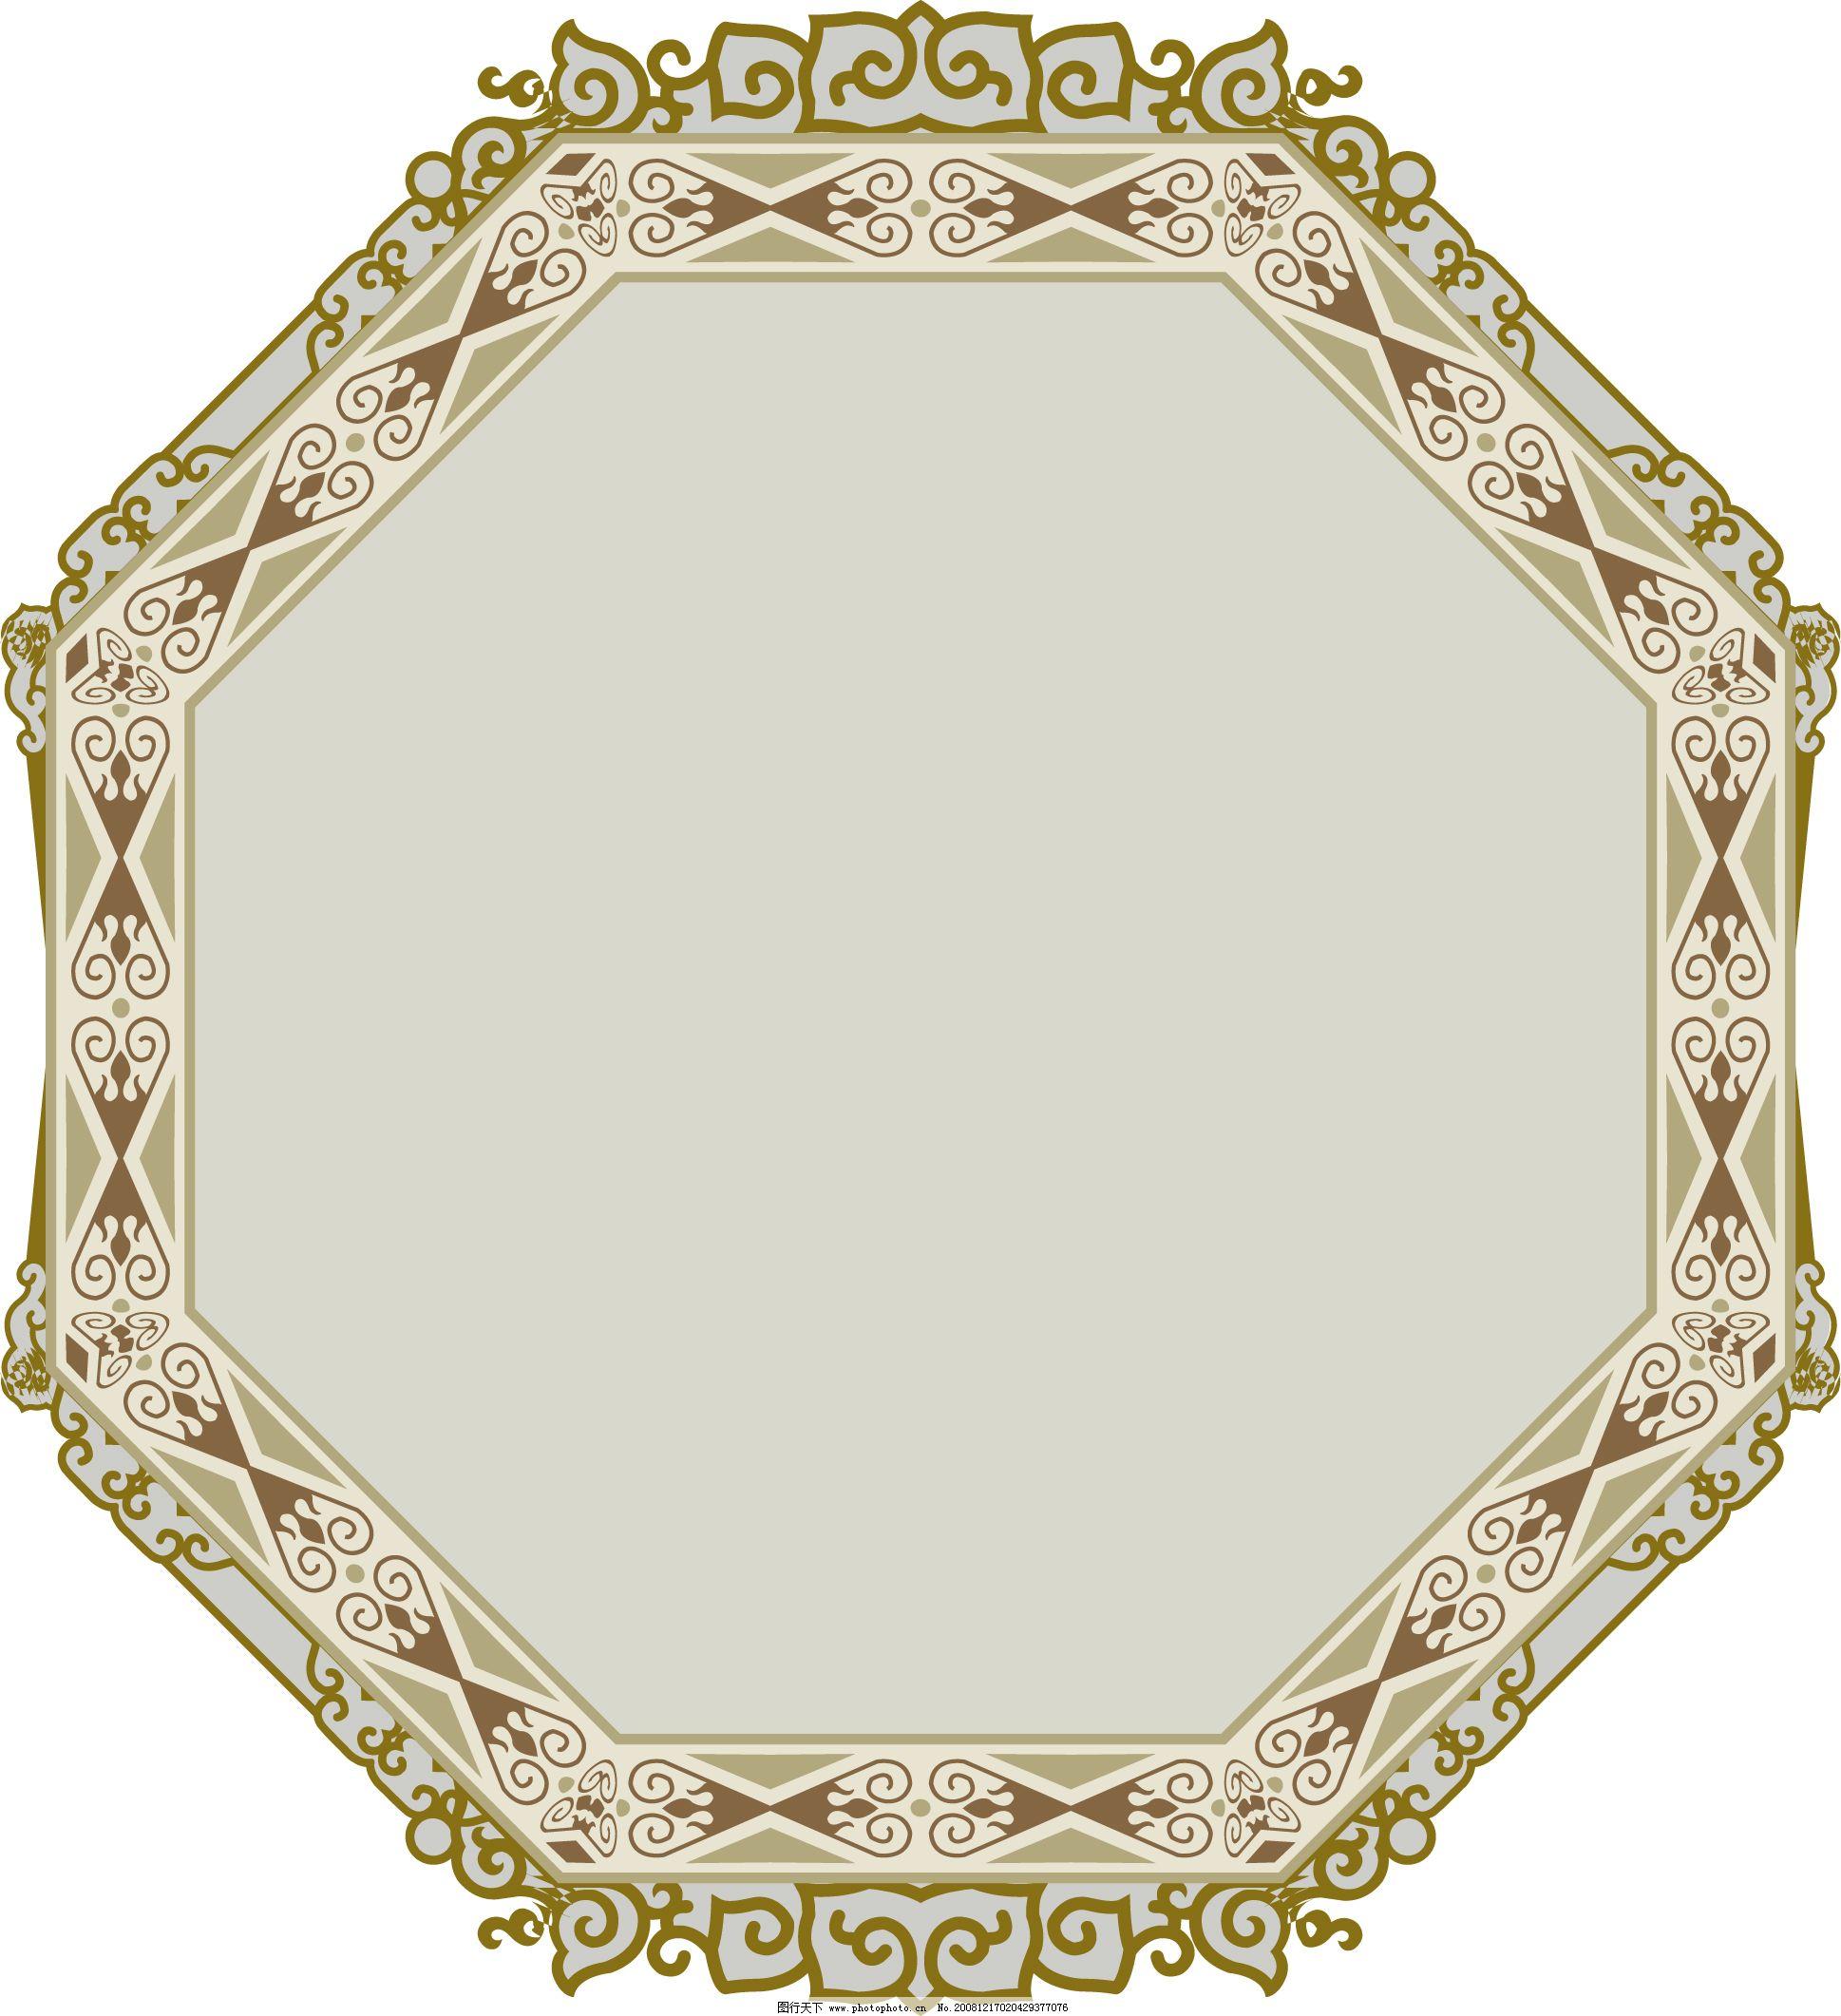 造型0398_边框相框_底纹边框_图行天下图库